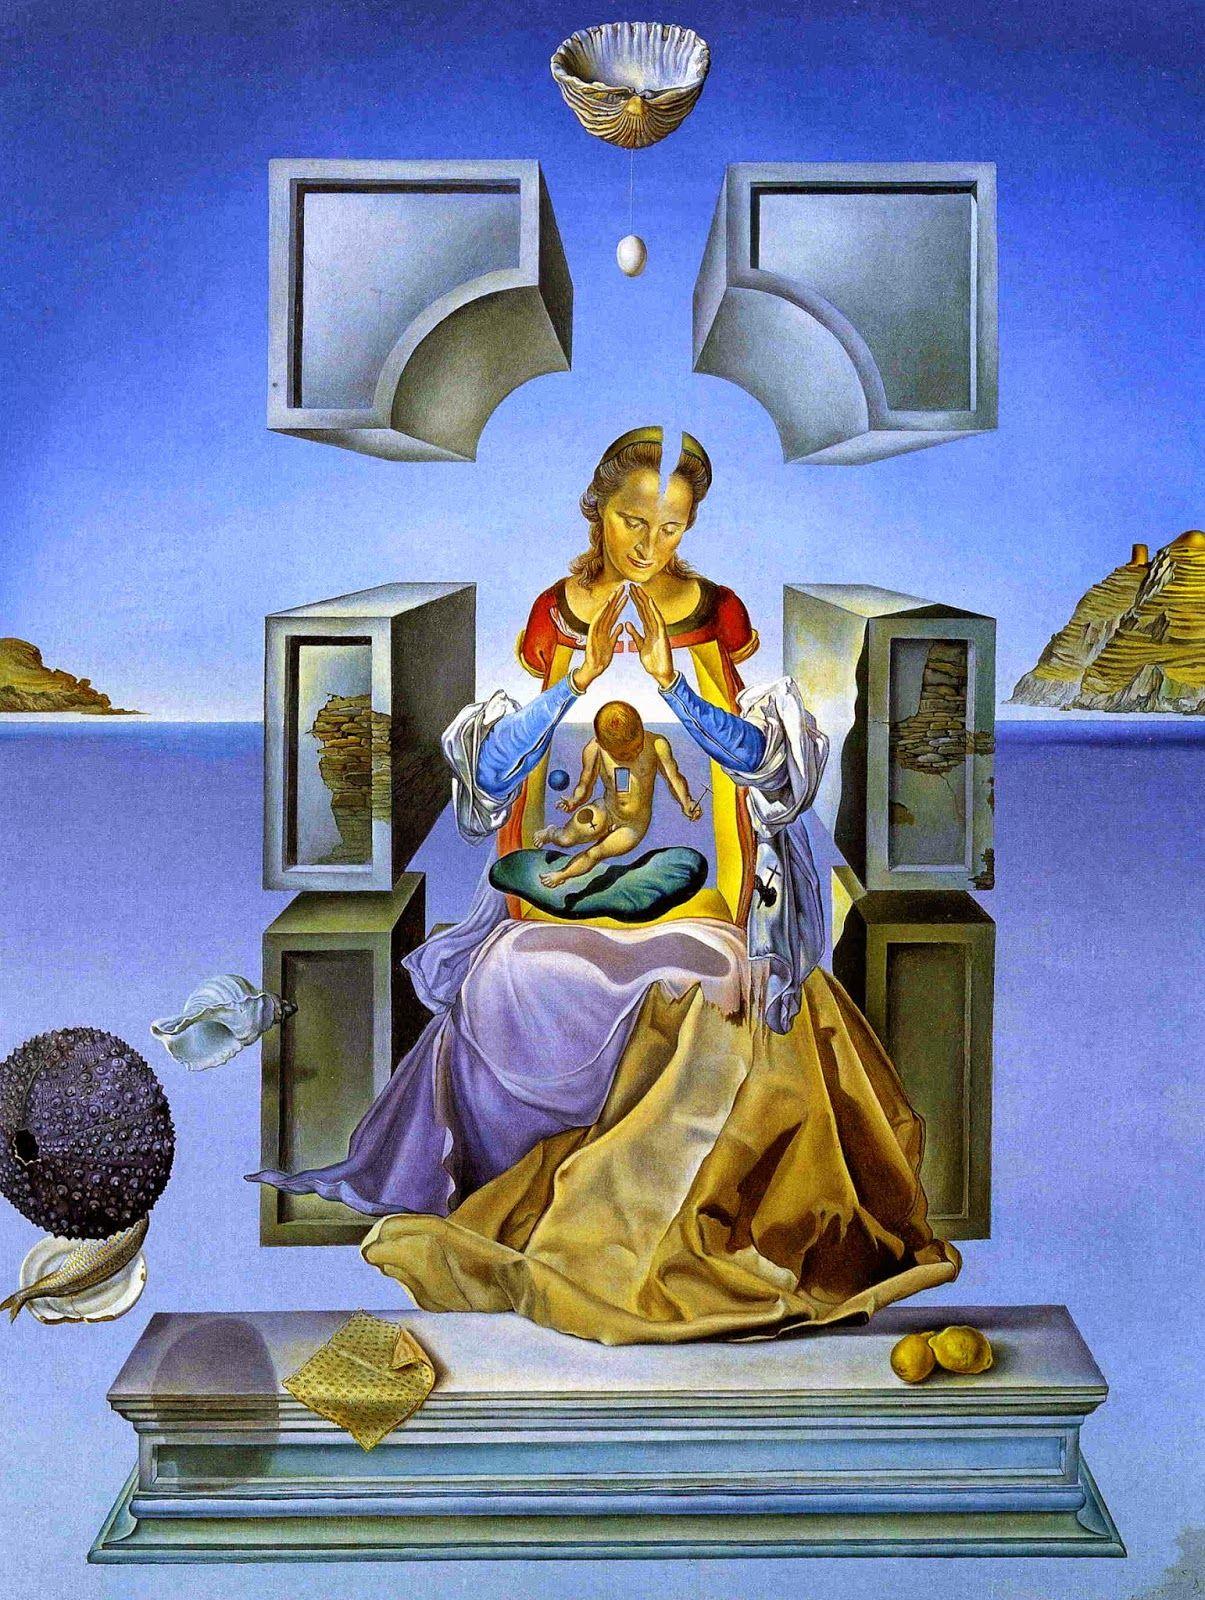 Por Amor al Arte: Salvador Dalí.